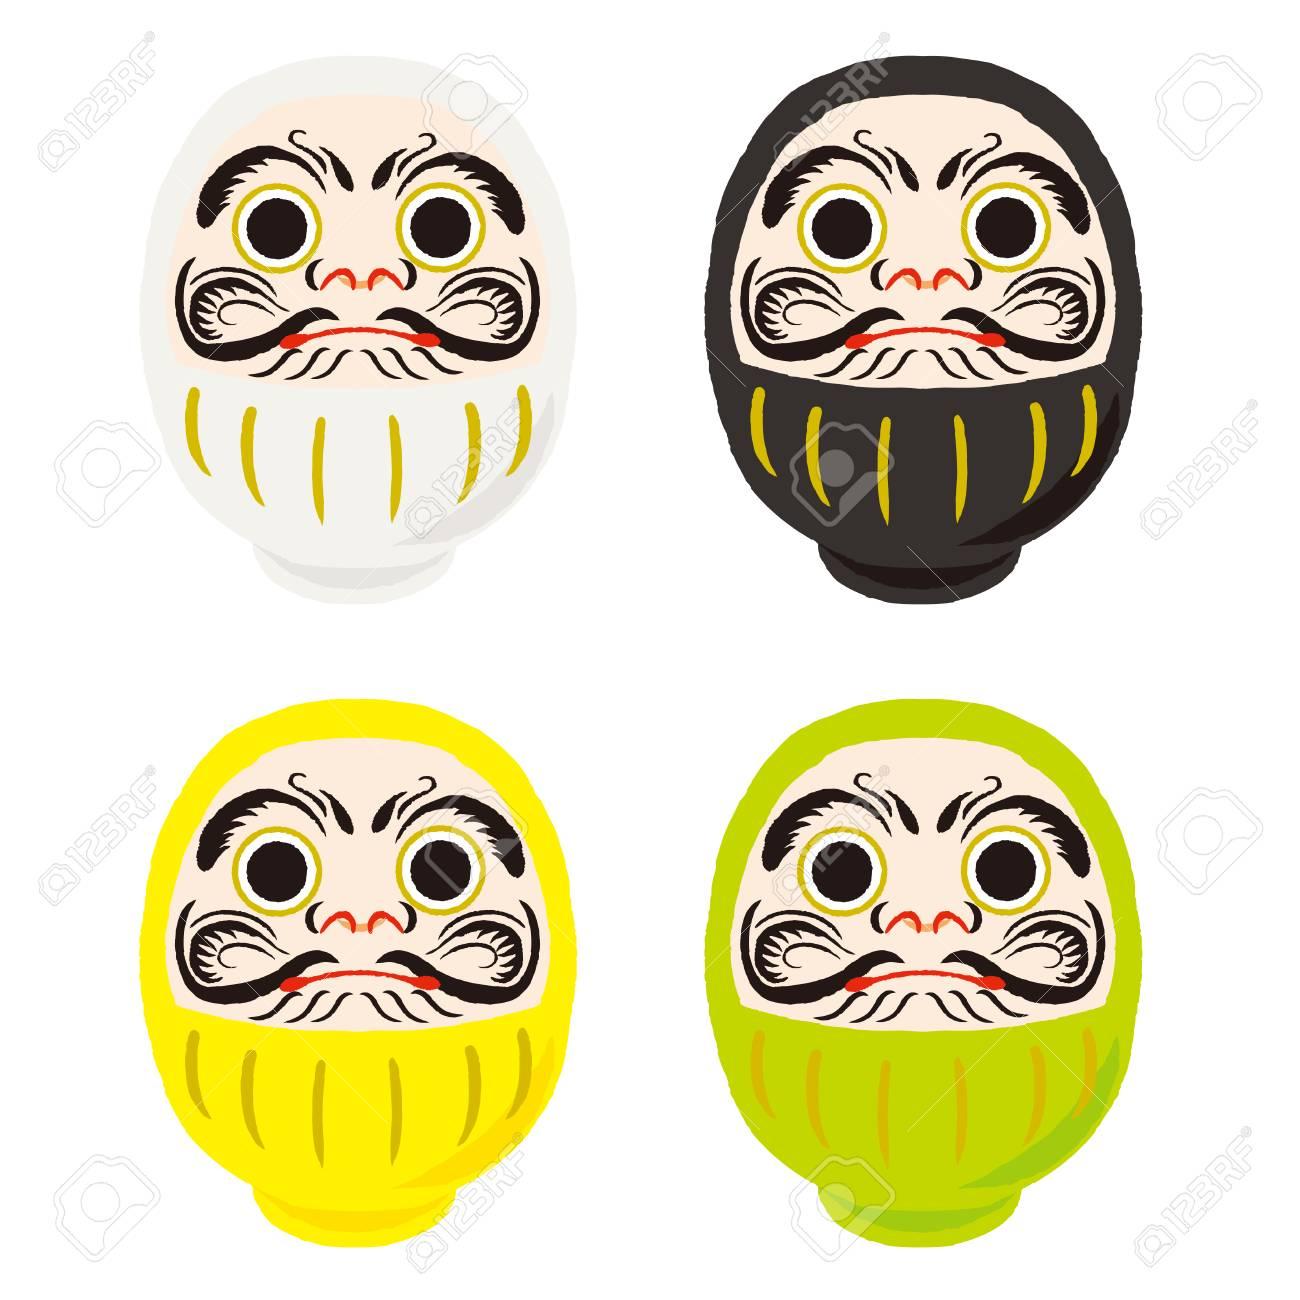 だるま日本の伝統的な人形ですベクトル イラストと日本語訳が渡す